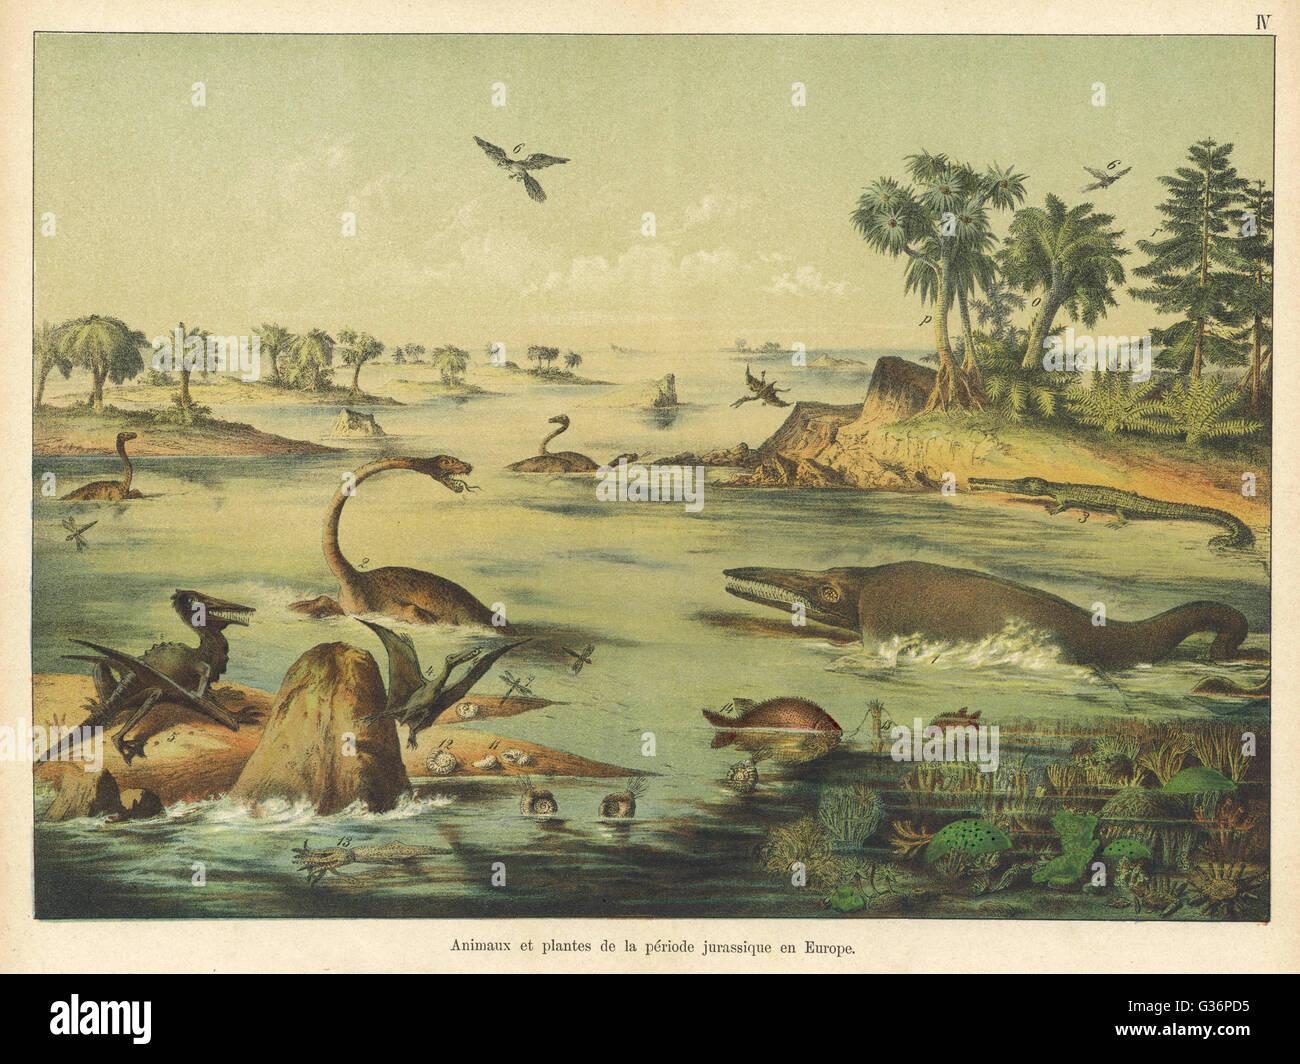 Los animales y plantas de la época jurásica en Europa. Fecha: AEC Imagen De Stock